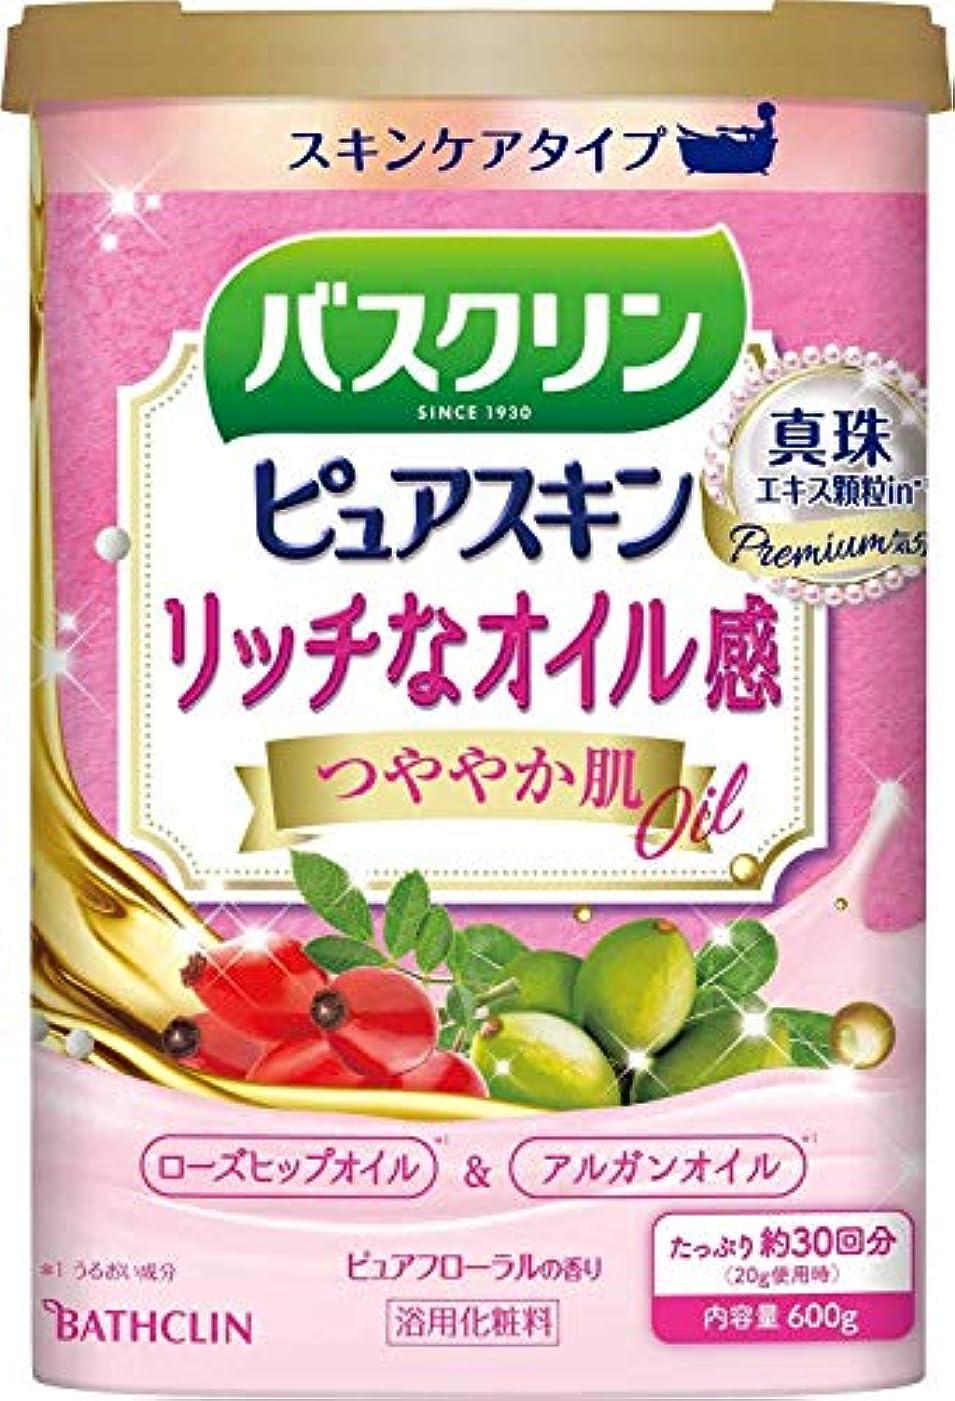 哀効能ある形バスクリンピュアスキンつややか肌600g入浴剤(約30回分)